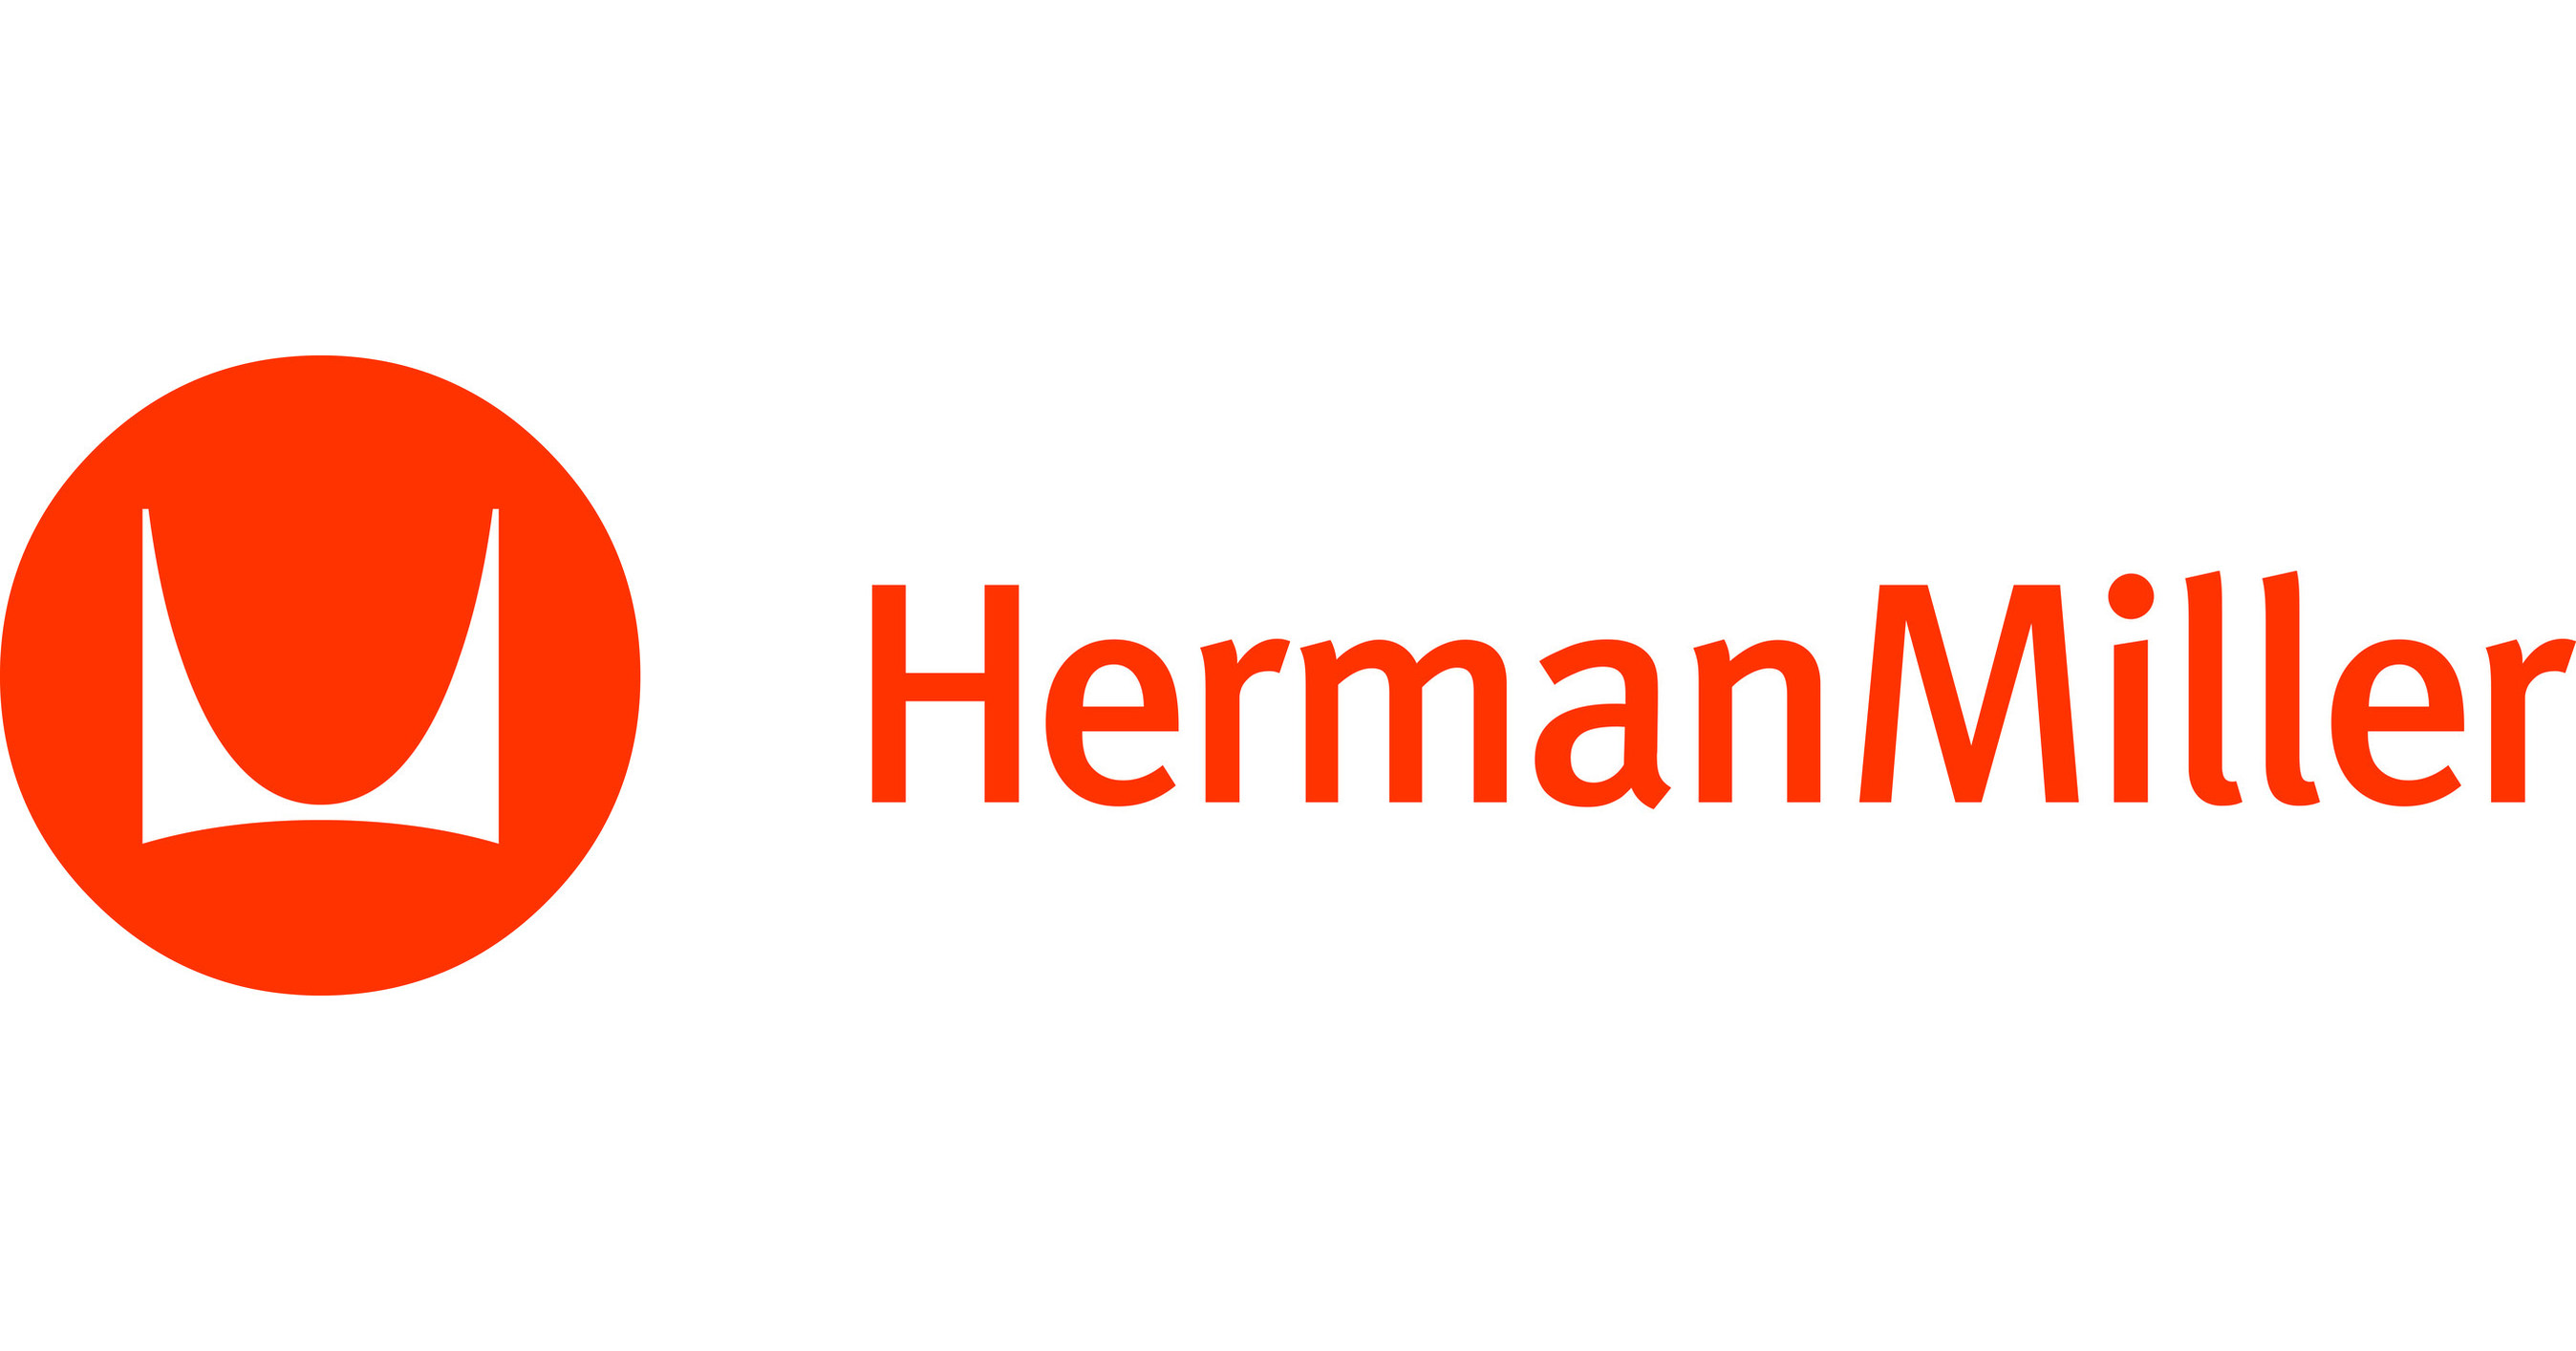 2021 EP!C Series - Herman Miller logo